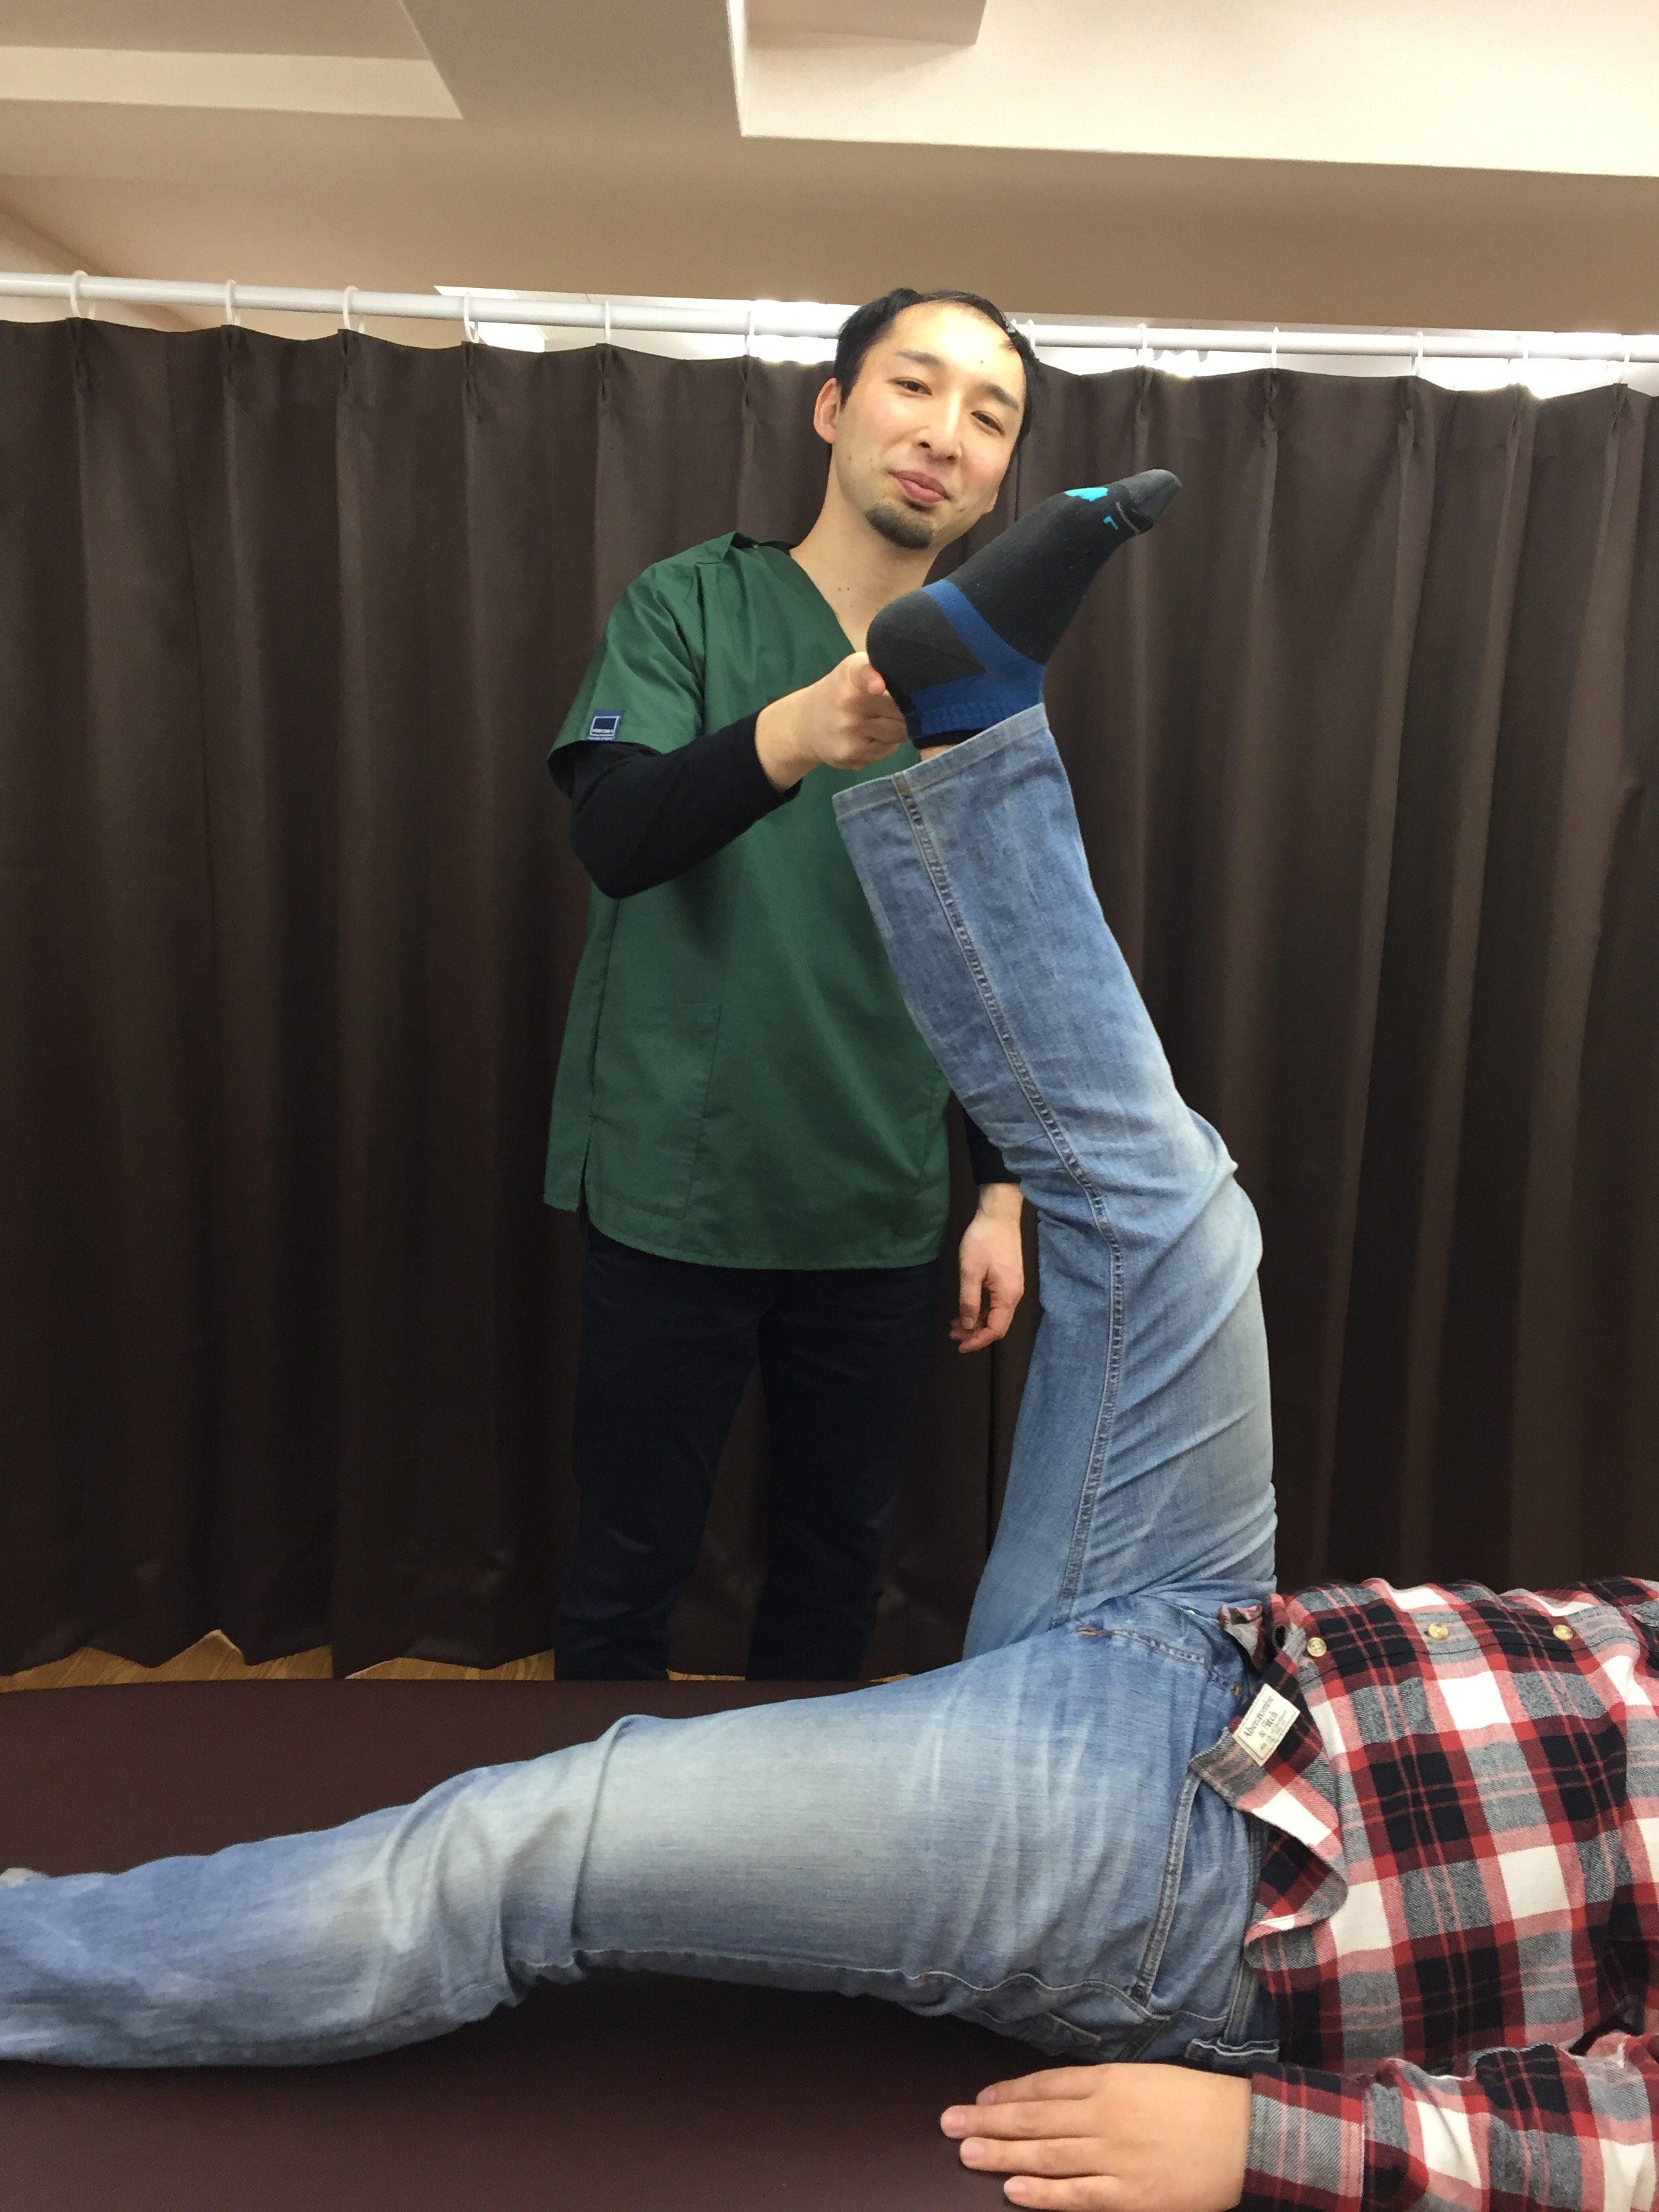 仙台の整体で肉離れに筋膜を施術したあとの結果